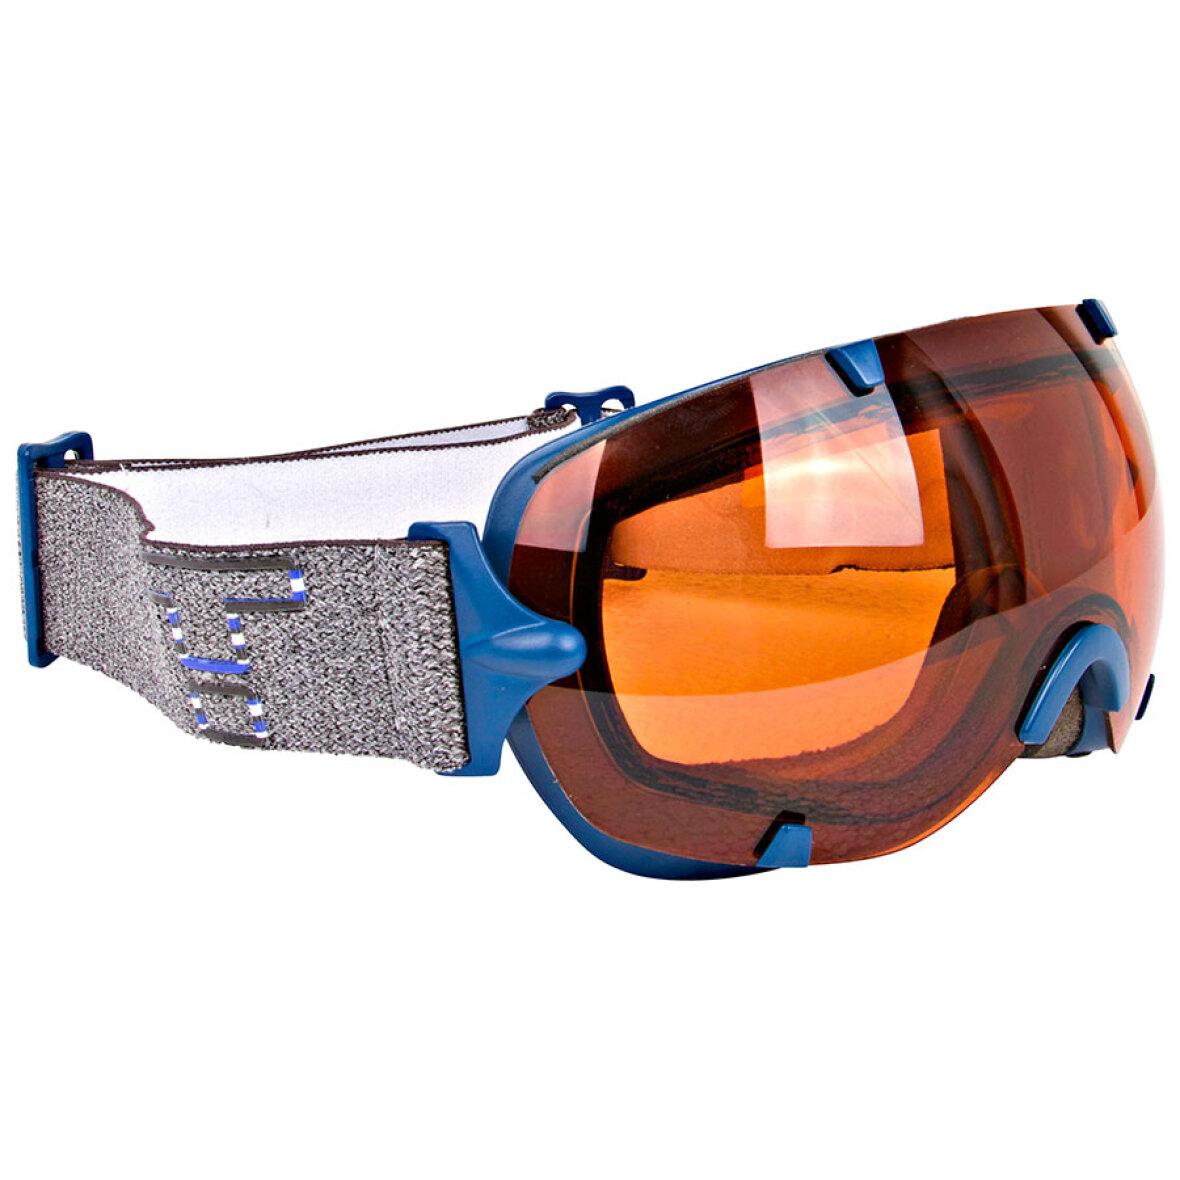 Skibriller - Promoe Skibrille Blue er fede Skibriller i lækre ... 2315042c8b42e